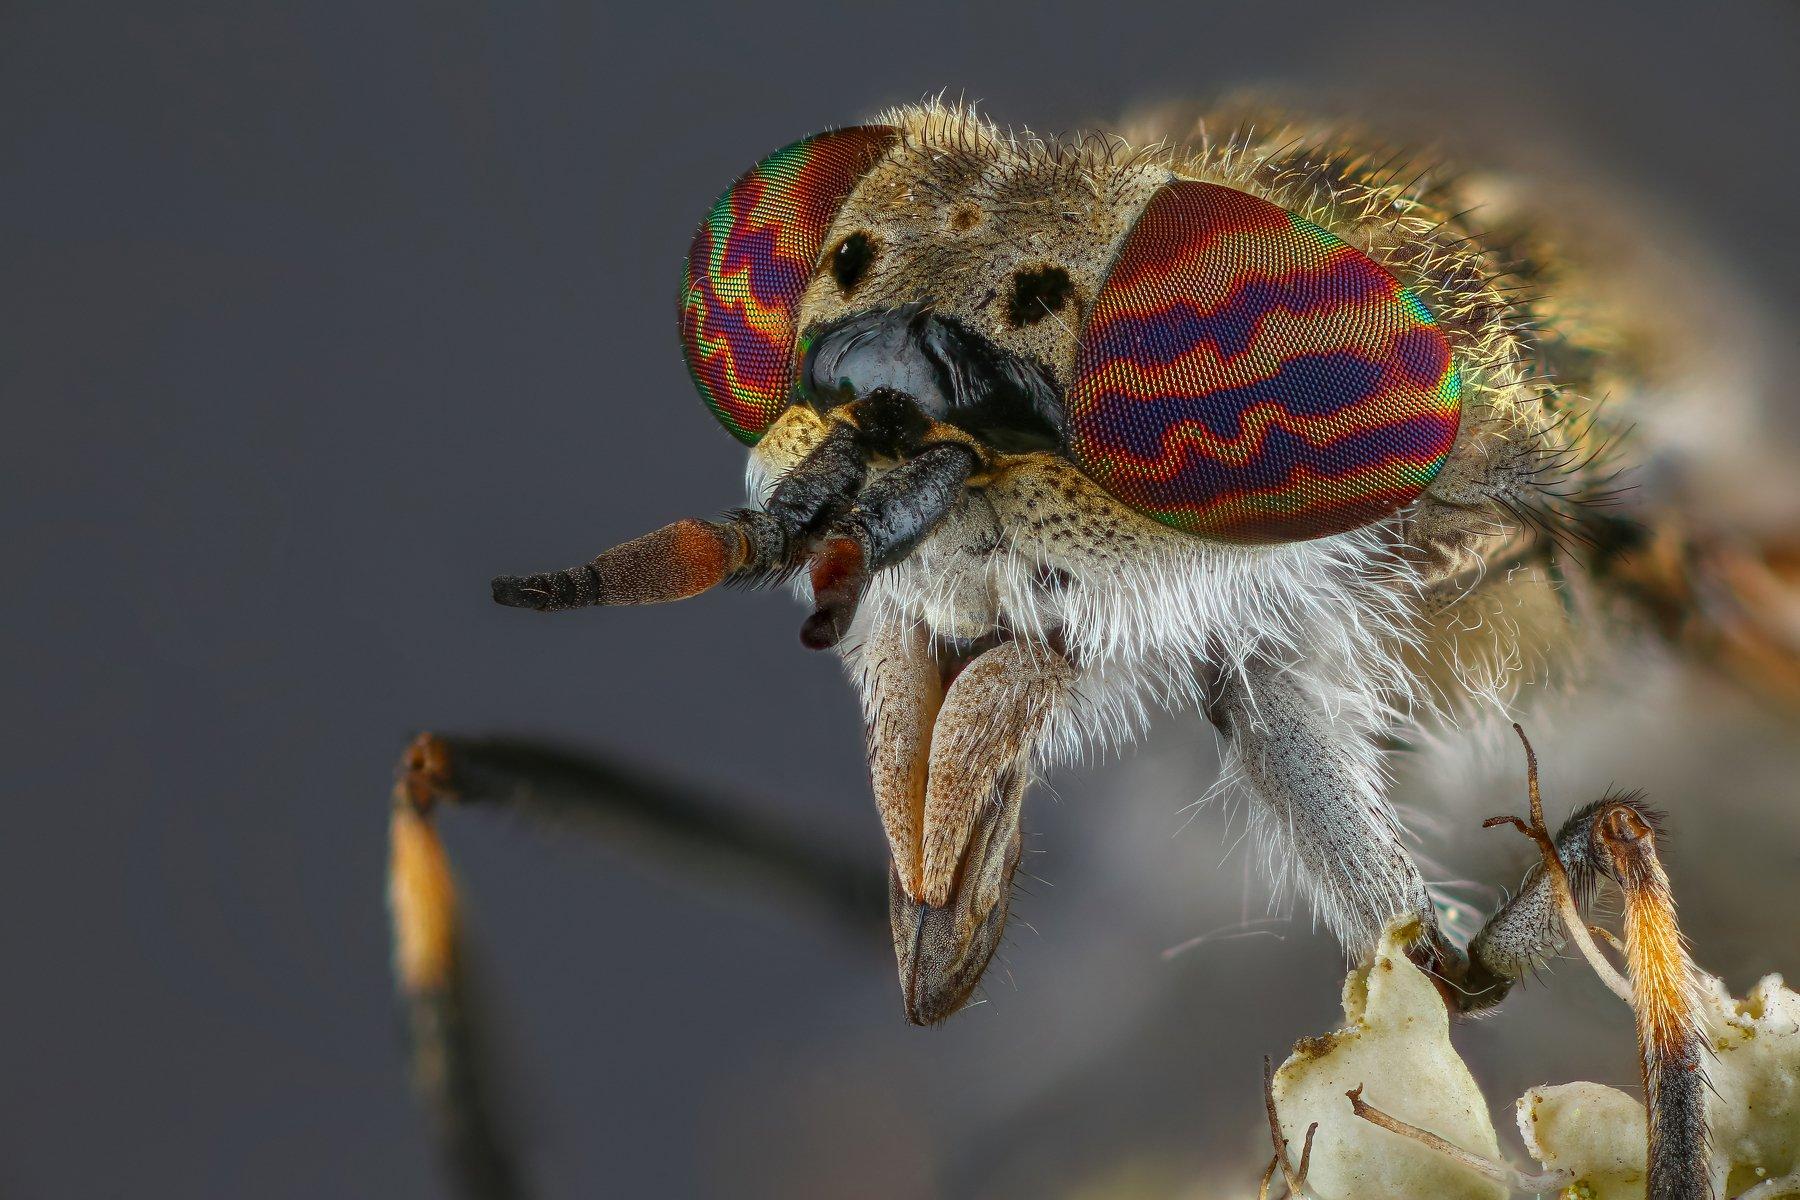 макро муха насекомое животное серый, Шаповалов Андрей